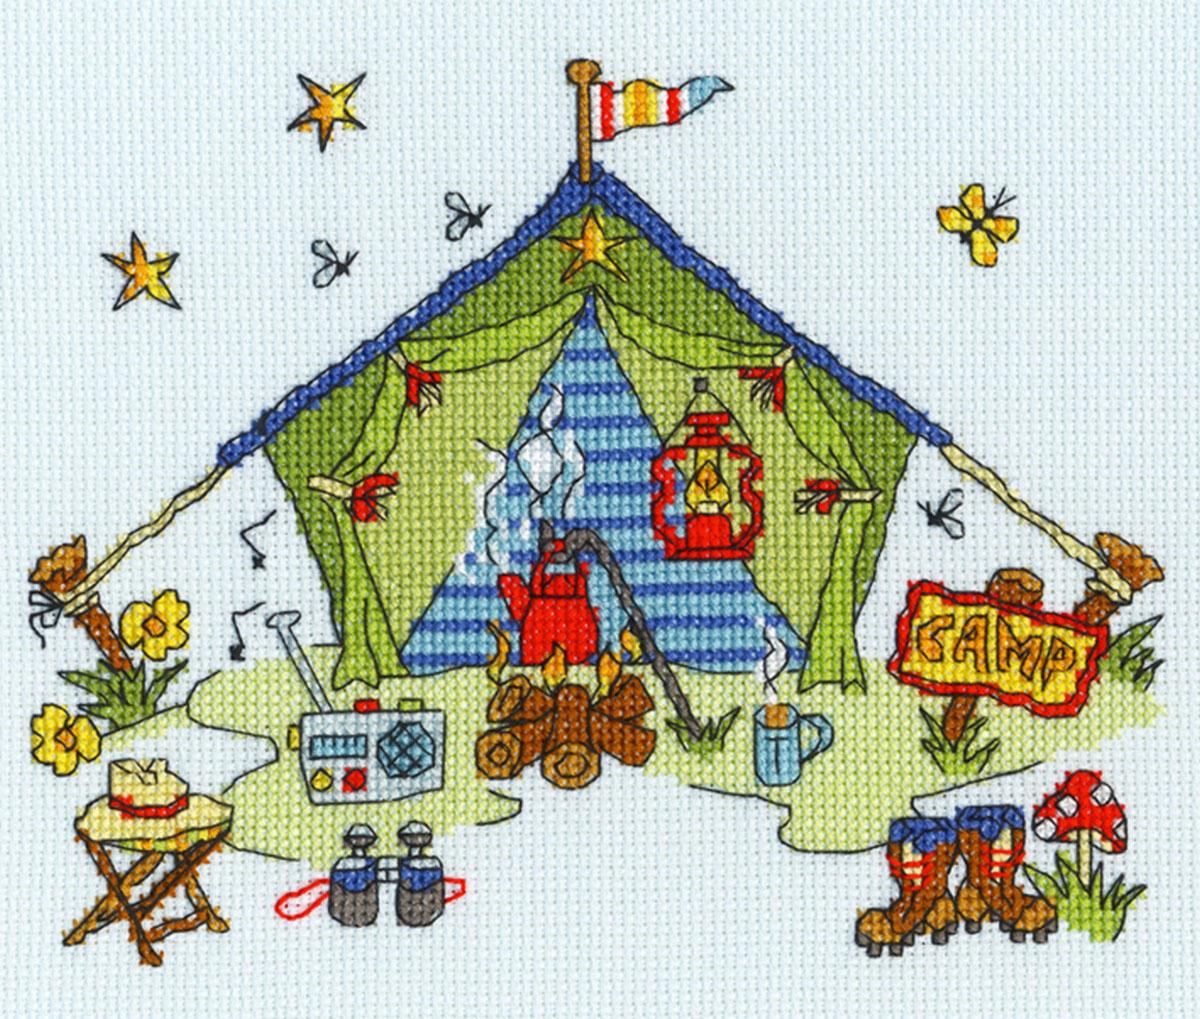 Набор для вышивания крестом Bothy Threads Палатка, 20 x 15 см набор для вышивания крестом bothy threads мышка шьет 18 x 18 см